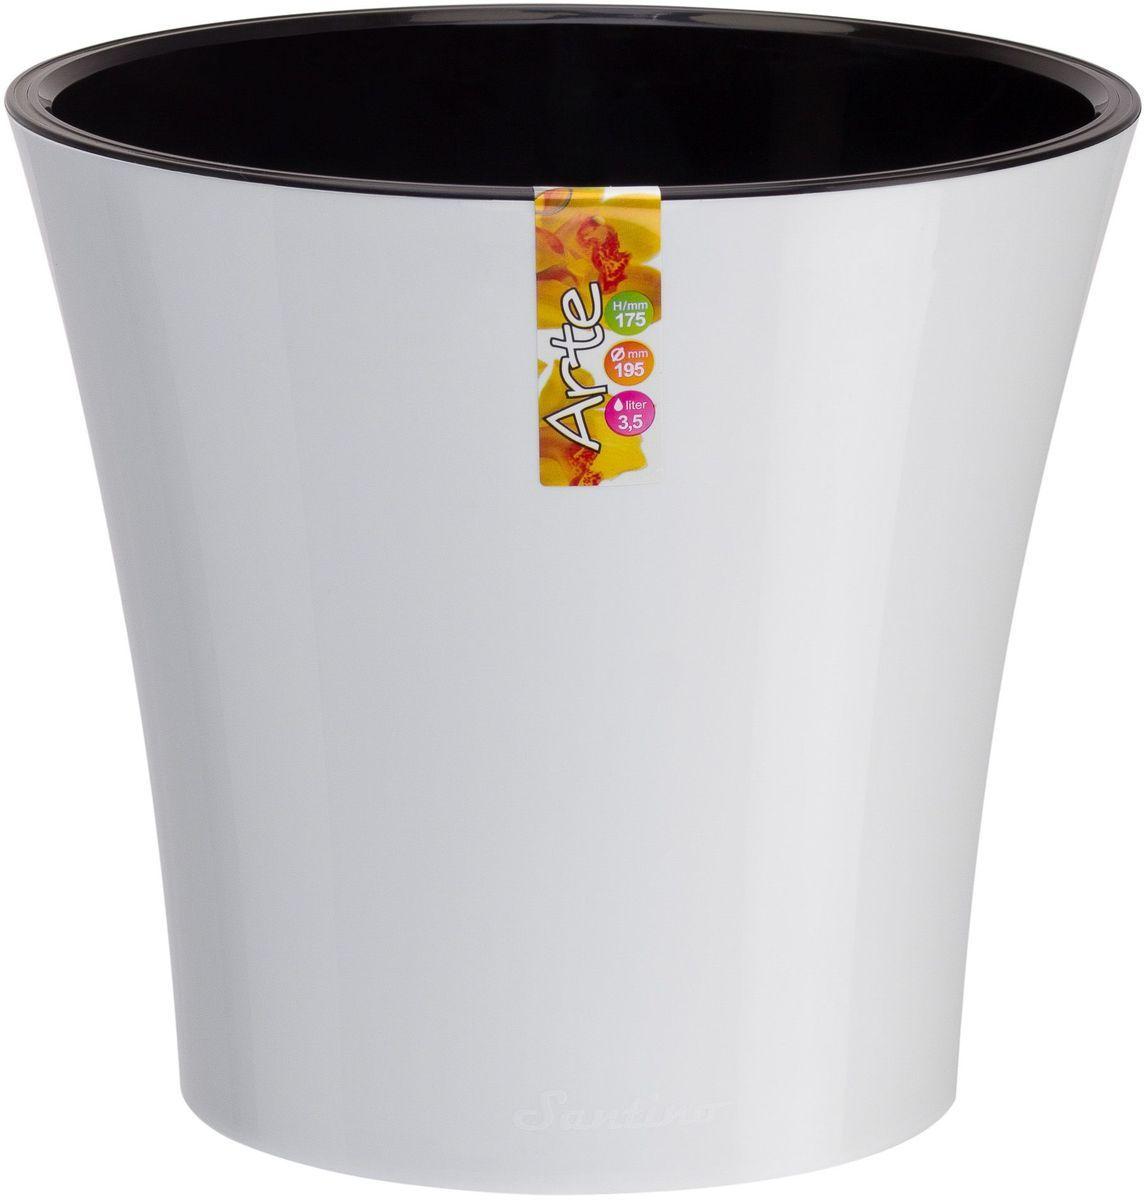 Горшок цветочный Santino Арте, двойной, с системой автополива, цвет: белый, черный, 3,5 лАРТ 3,5 Б-ЧЛюбой, даже самый современный и продуманный интерьер будет незавершенным без растений. Они не только очищают воздух и насыщают его кислородом, но и украшают окружающее пространство. Такому полезному члену семьи просто необходим красивый и функциональный дом! Оптимальный выбор материала — пластмасса! Почему мы так считаем? Малый вес. С легкостью переносите горшки и кашпо с места на место, ставьте их на столики или полки, не беспокоясь о нагрузке. Простота ухода. Кашпо не нуждается в специальных условиях хранения. Его легко чистить — достаточно просто сполоснуть теплой водой. Никаких потертостей. Такие кашпо не царапают и не загрязняют поверхности, на которых стоят. Пластик дольше хранит влагу, а значит, растение реже нуждается в поливе. Пластмасса не пропускает воздух — корневой системе растения не грозят резкие перепады температур. Огромный выбор форм, декора и расцветок — вы без труда найдете что-то, что идеально впишется в уже существующий интерьер. Соблюдая нехитрые правила ухода, вы можете заметно продлить срок службы горшков и кашпо из пластика: всегда учитывайте размер кроны и корневой системы (при разрастании большое растение способно повредить маленький горшок) берегите изделие от воздействия прямых солнечных лучей, чтобы горшки не выцветали держите кашпо из пластика подальше от нагревающихся поверхностей. Создавайте прекрасные цветочные композиции, выращивайте рассаду или необычные растения.